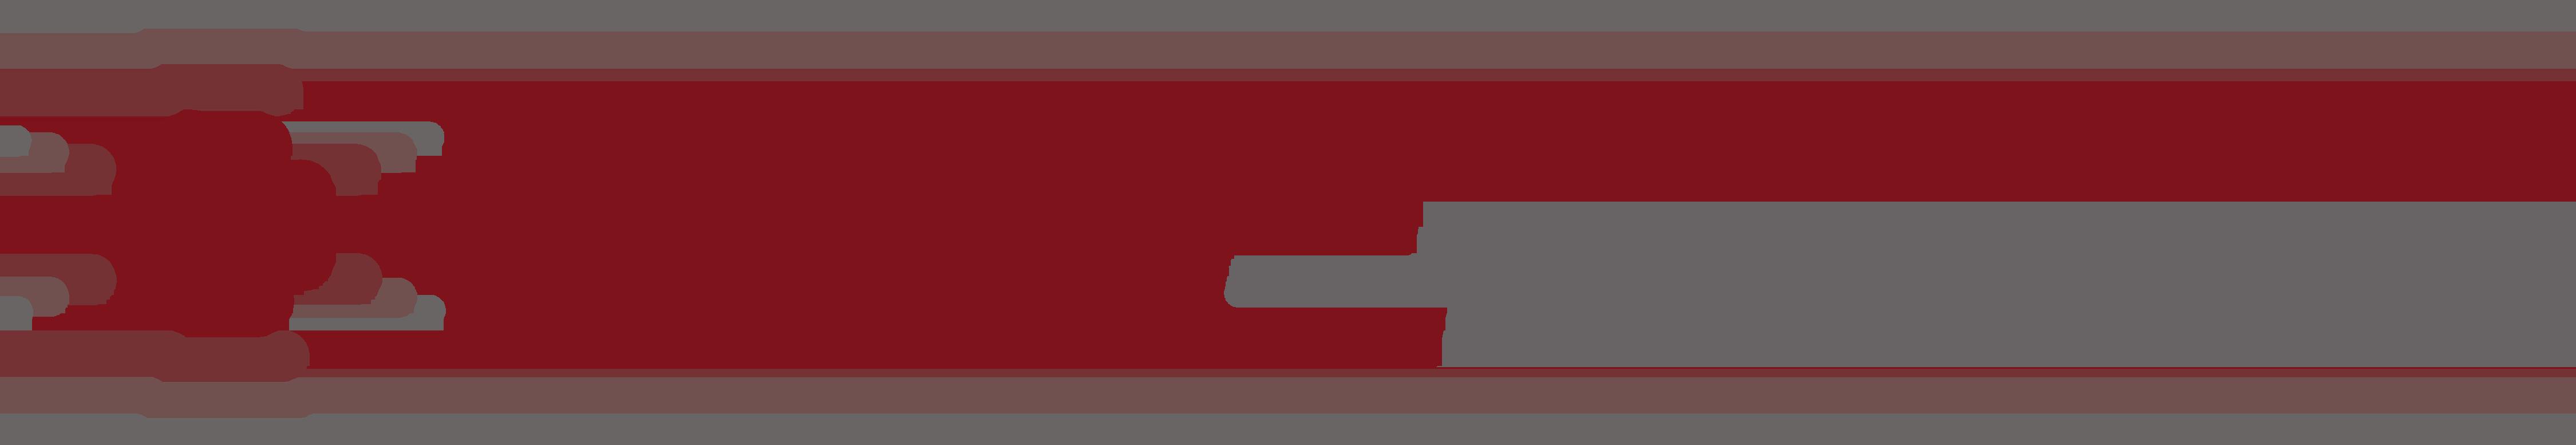 MFE Rentals